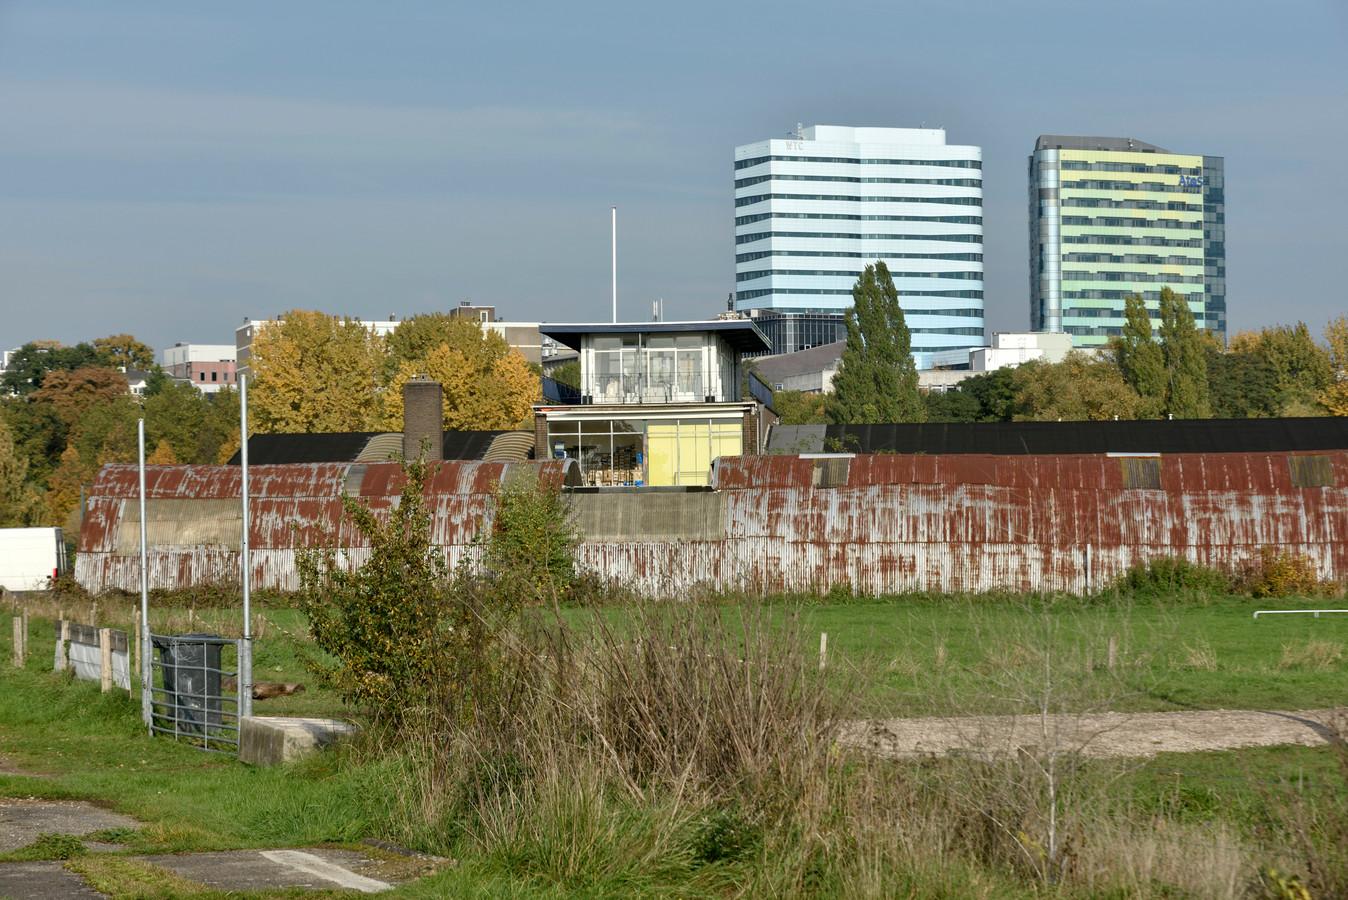 Het voormalige bedrijventerrein in Meinerswijk dat straks 'Meinerseiland' moet worden.